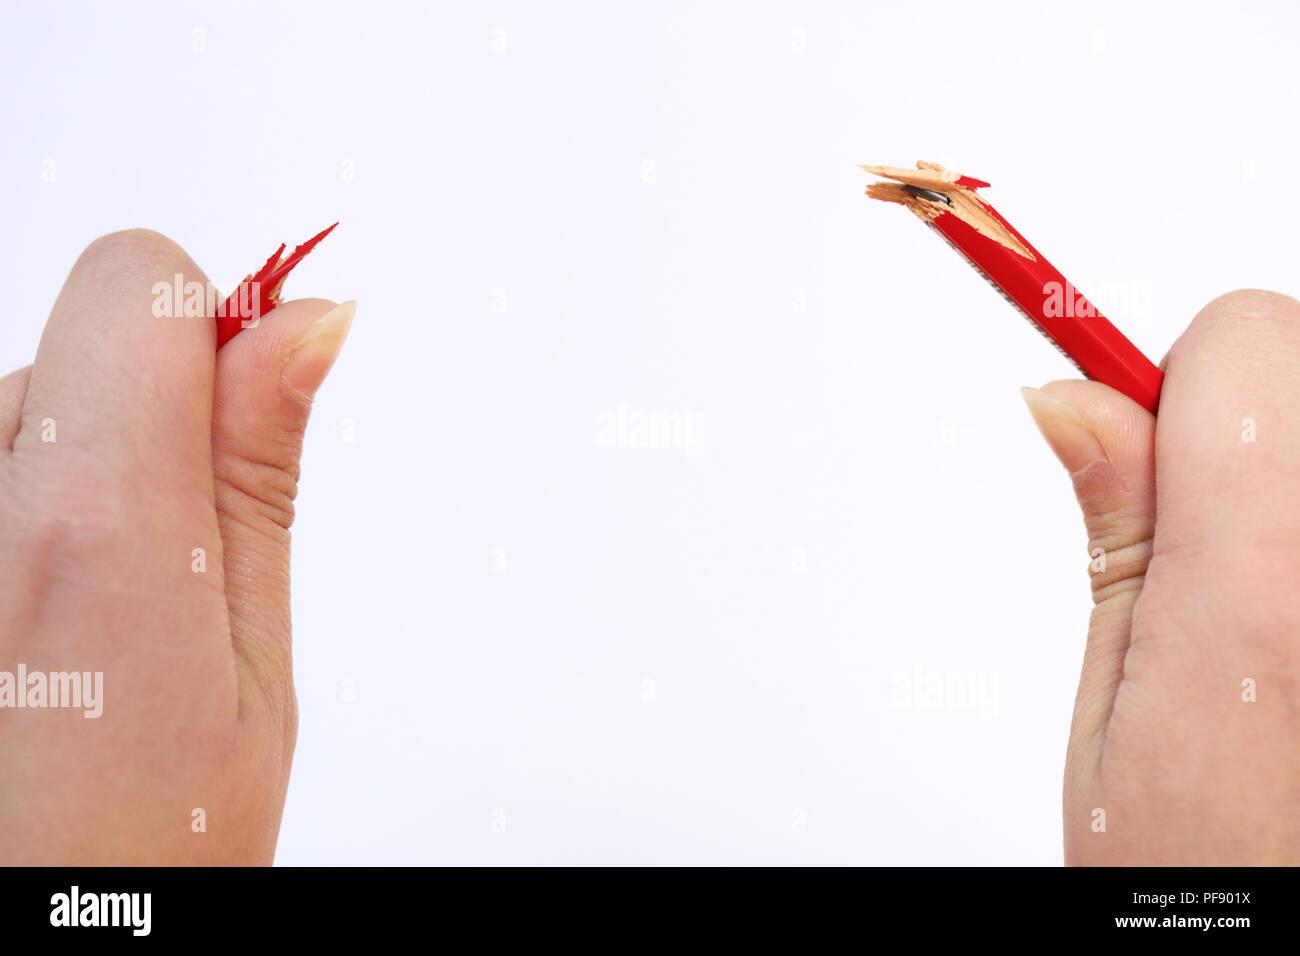 Dos manos sosteniendo un lápiz rojo que acaba roto bajo la presión. Concepto de estrés, manejo de la ira, la presión en el lugar de trabajo, la crianza de los hijos un Imagen De Stock